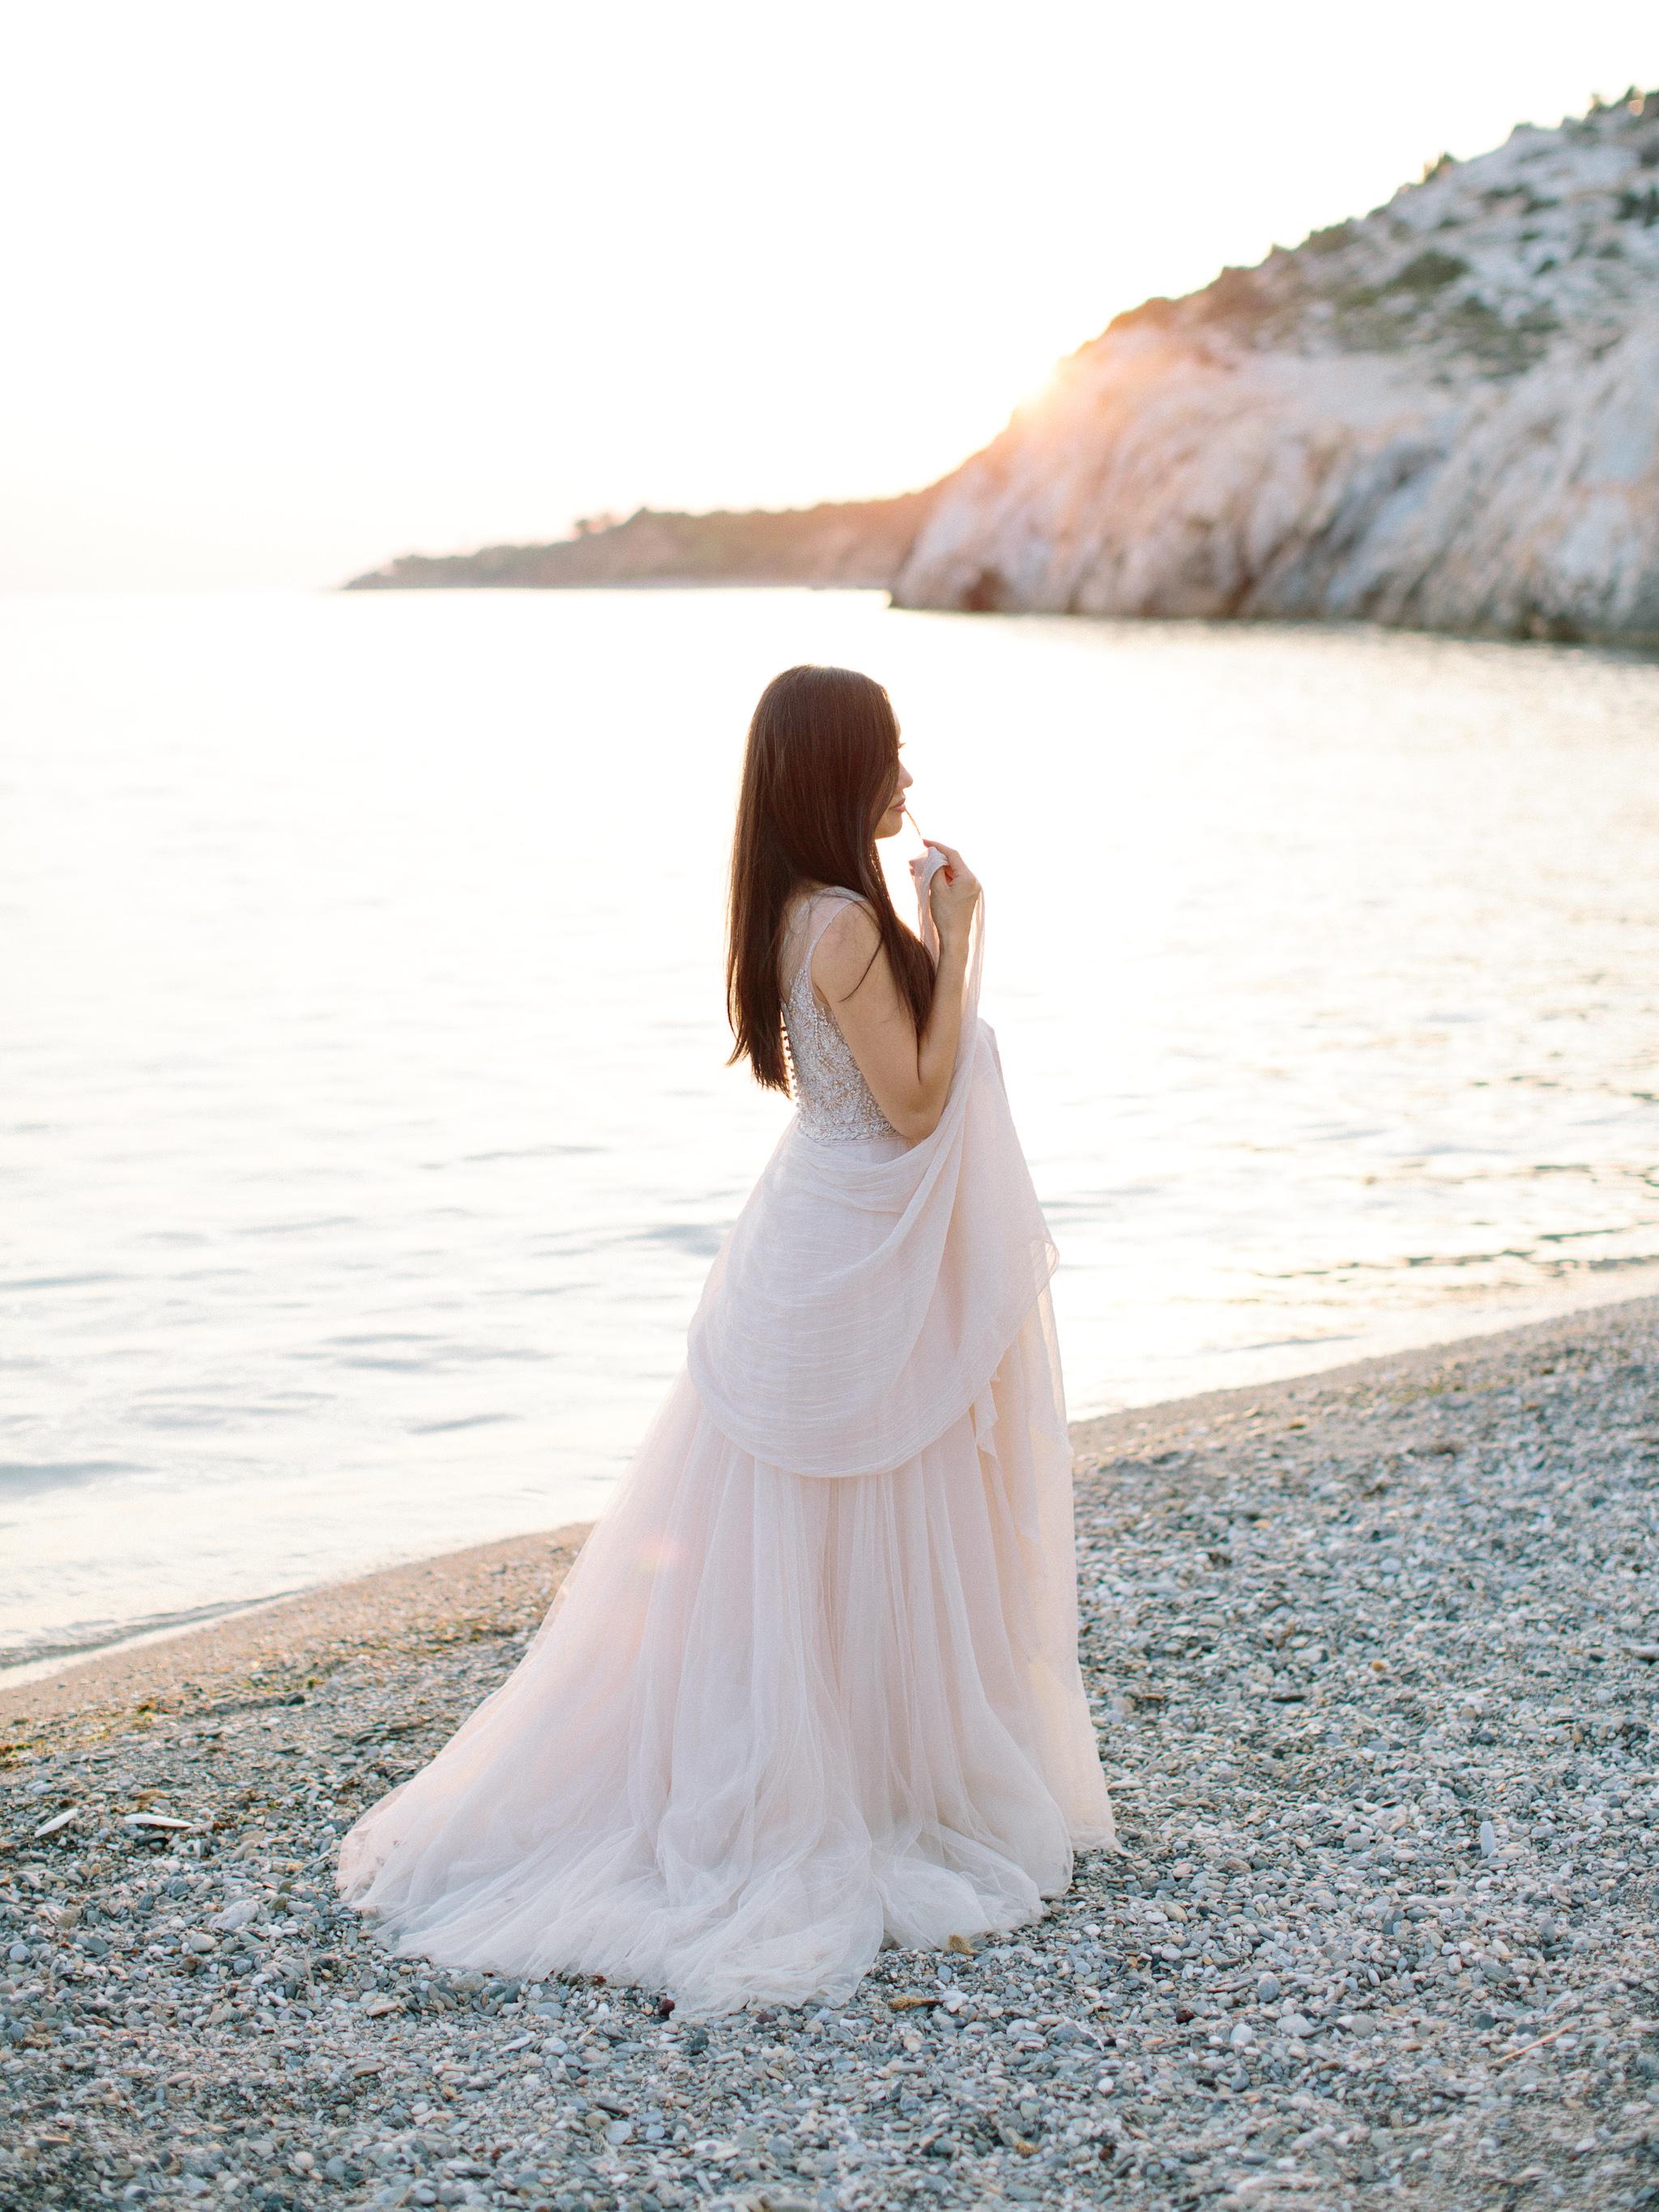 lushana-bale-photography-greece-photosession040